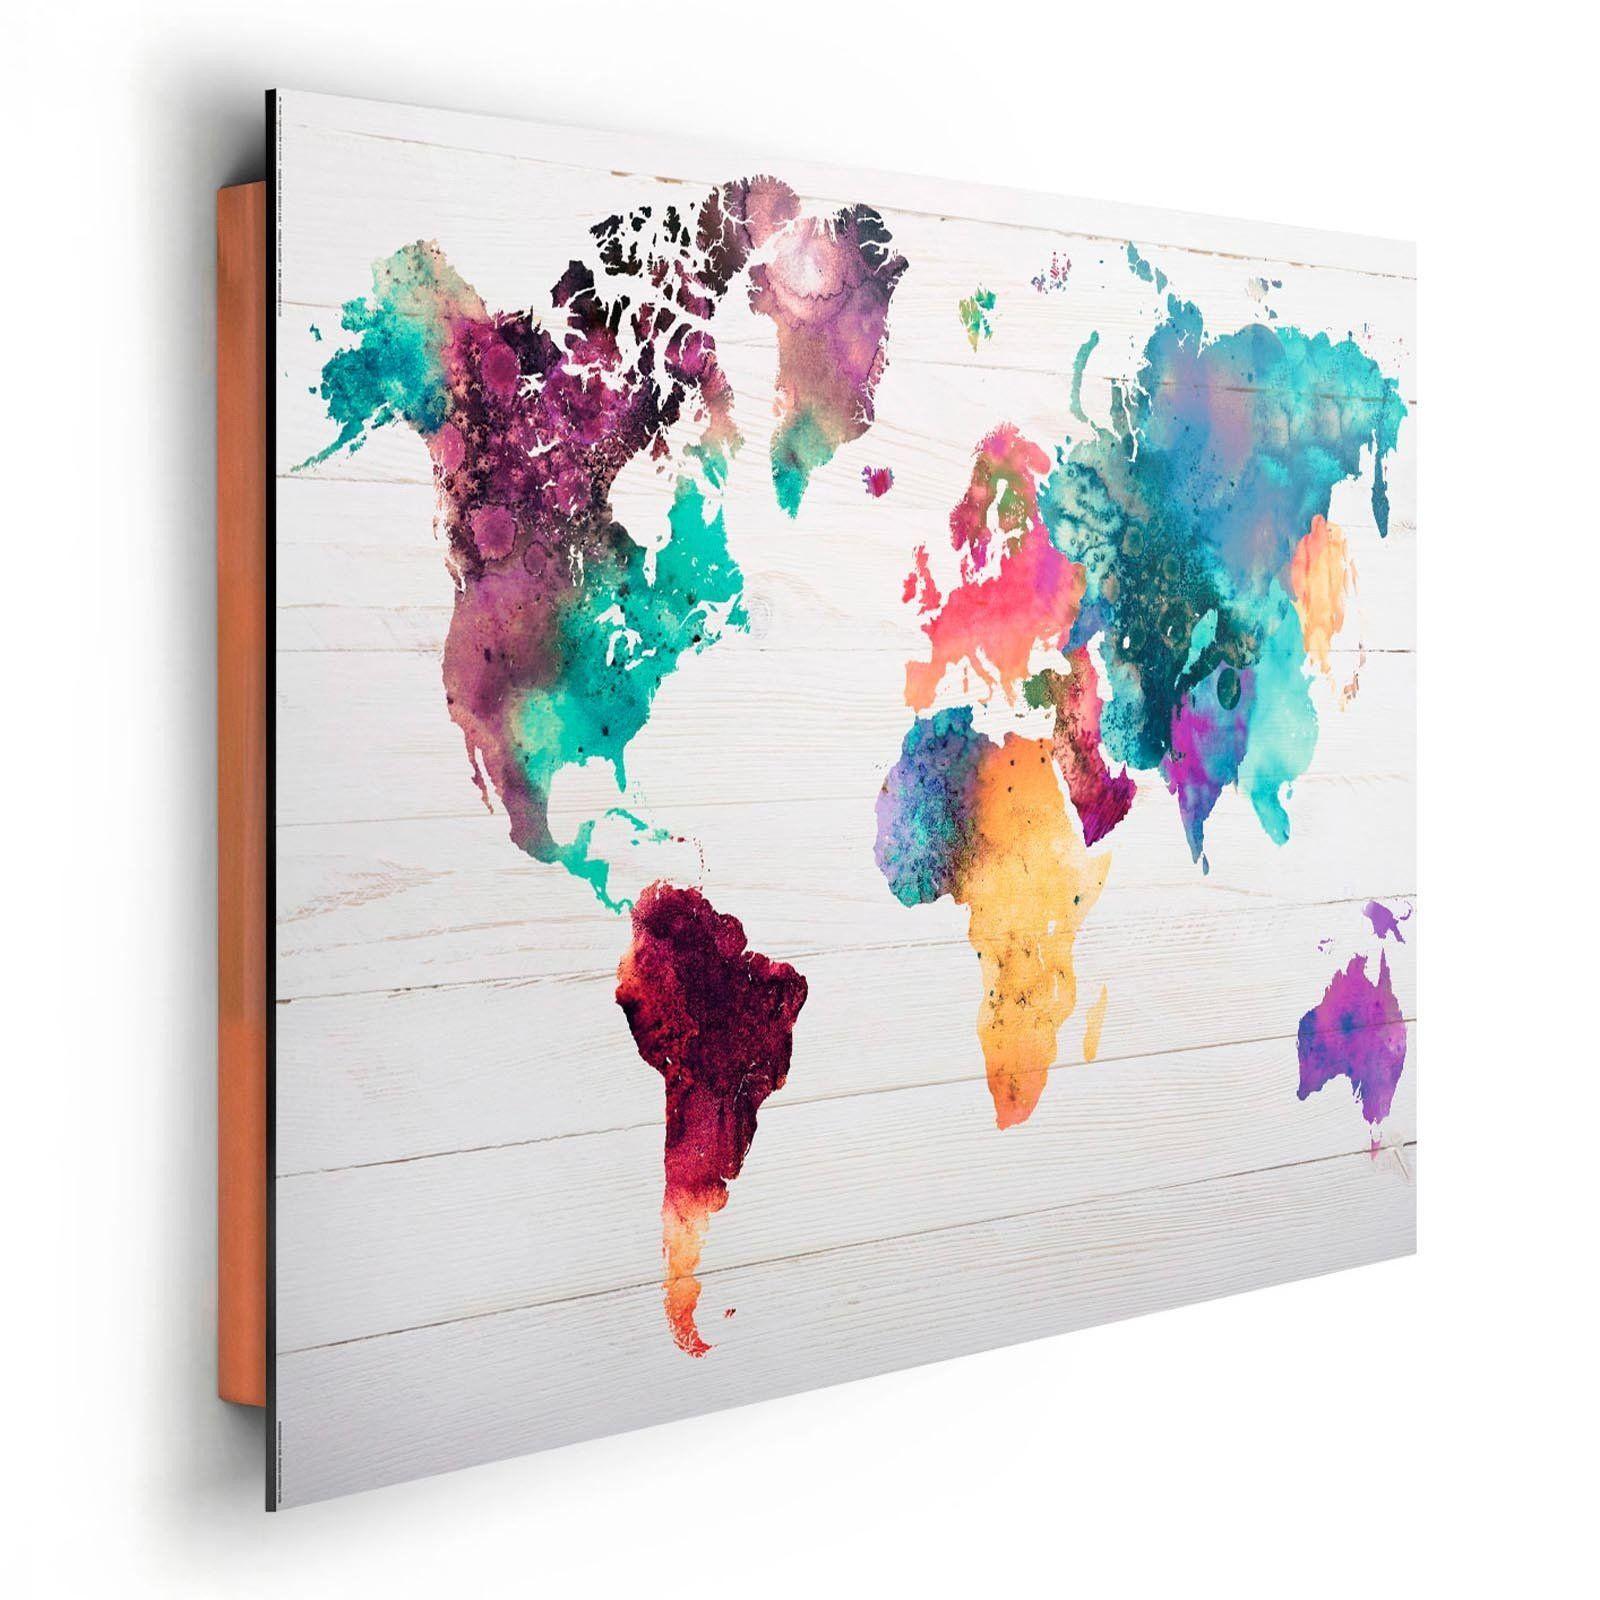 Wandbild - Die Welt in Wasserfarben - 60x90 cm